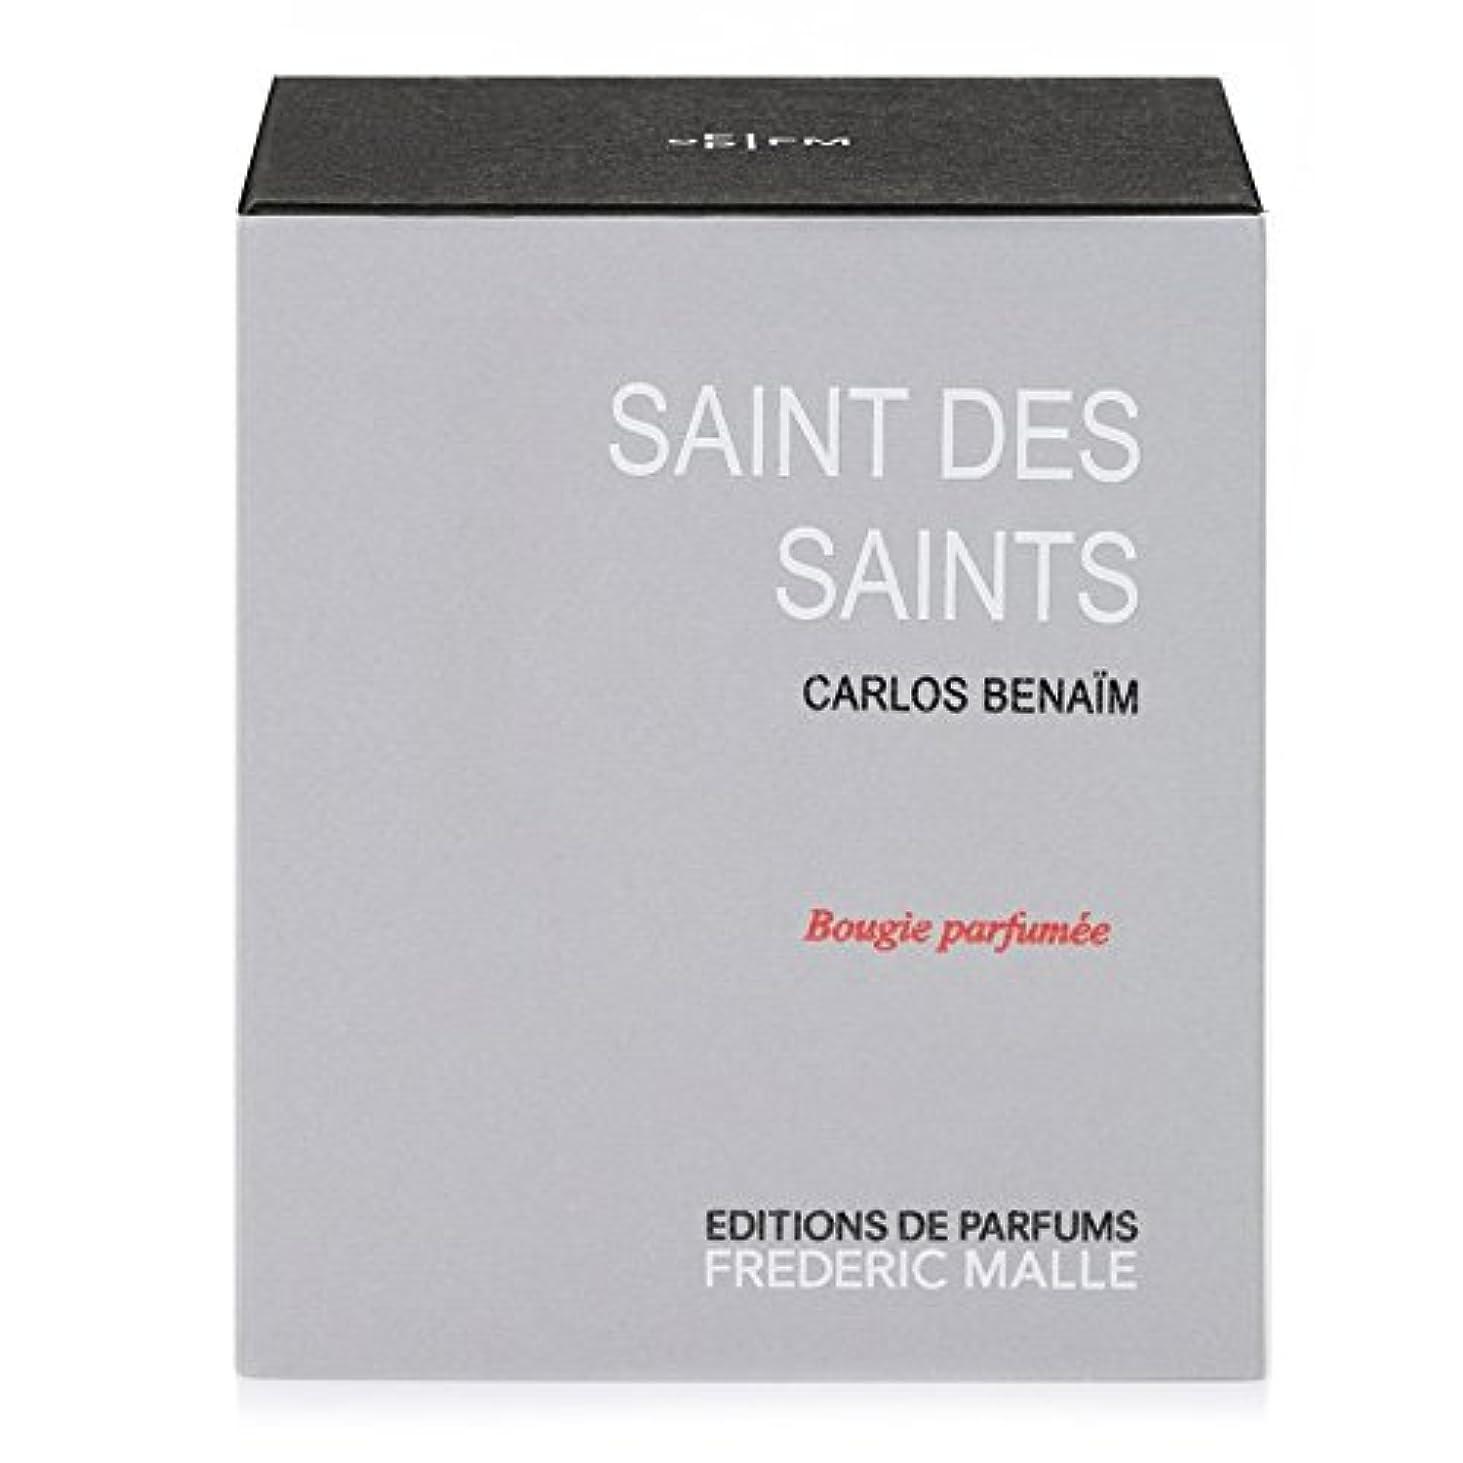 語重荷ディレクターFrederic Malle Saint Des Saints Scented Candle 220g (Pack of 2) - フレデリック?マル聖人デ聖人の香りのキャンドル220グラム x2 [並行輸入品]